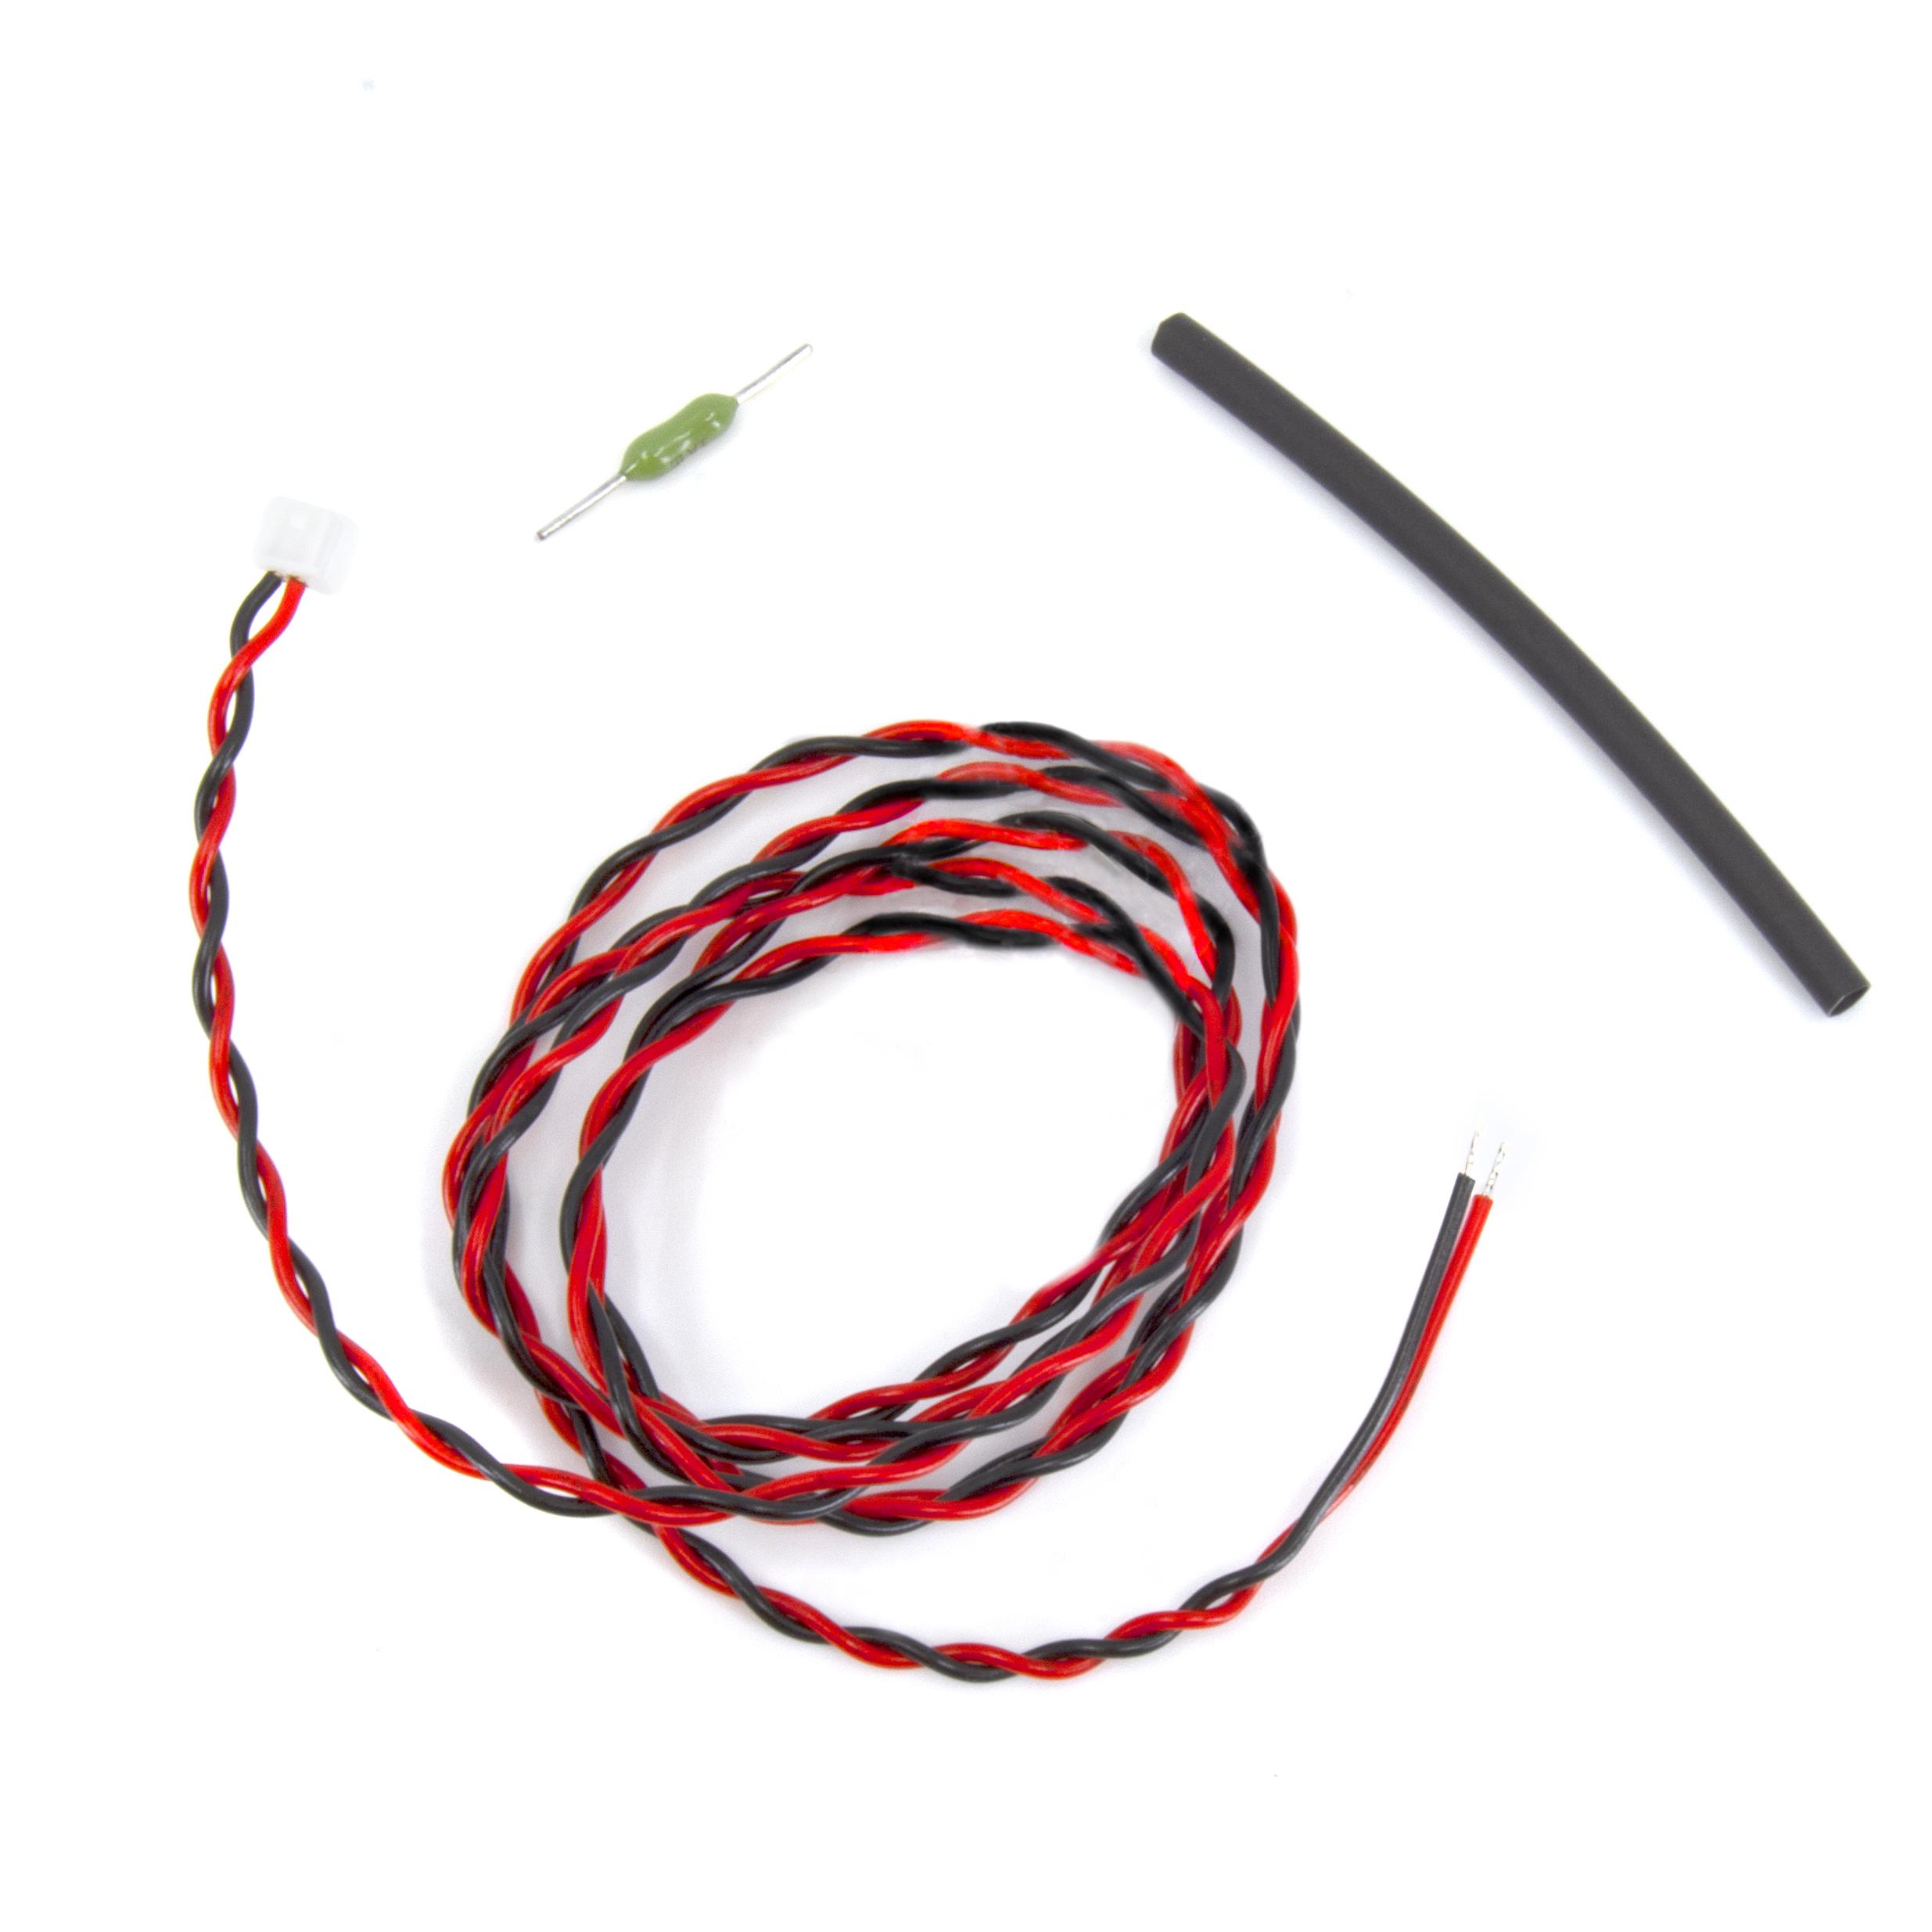 External Voltage Input Cable